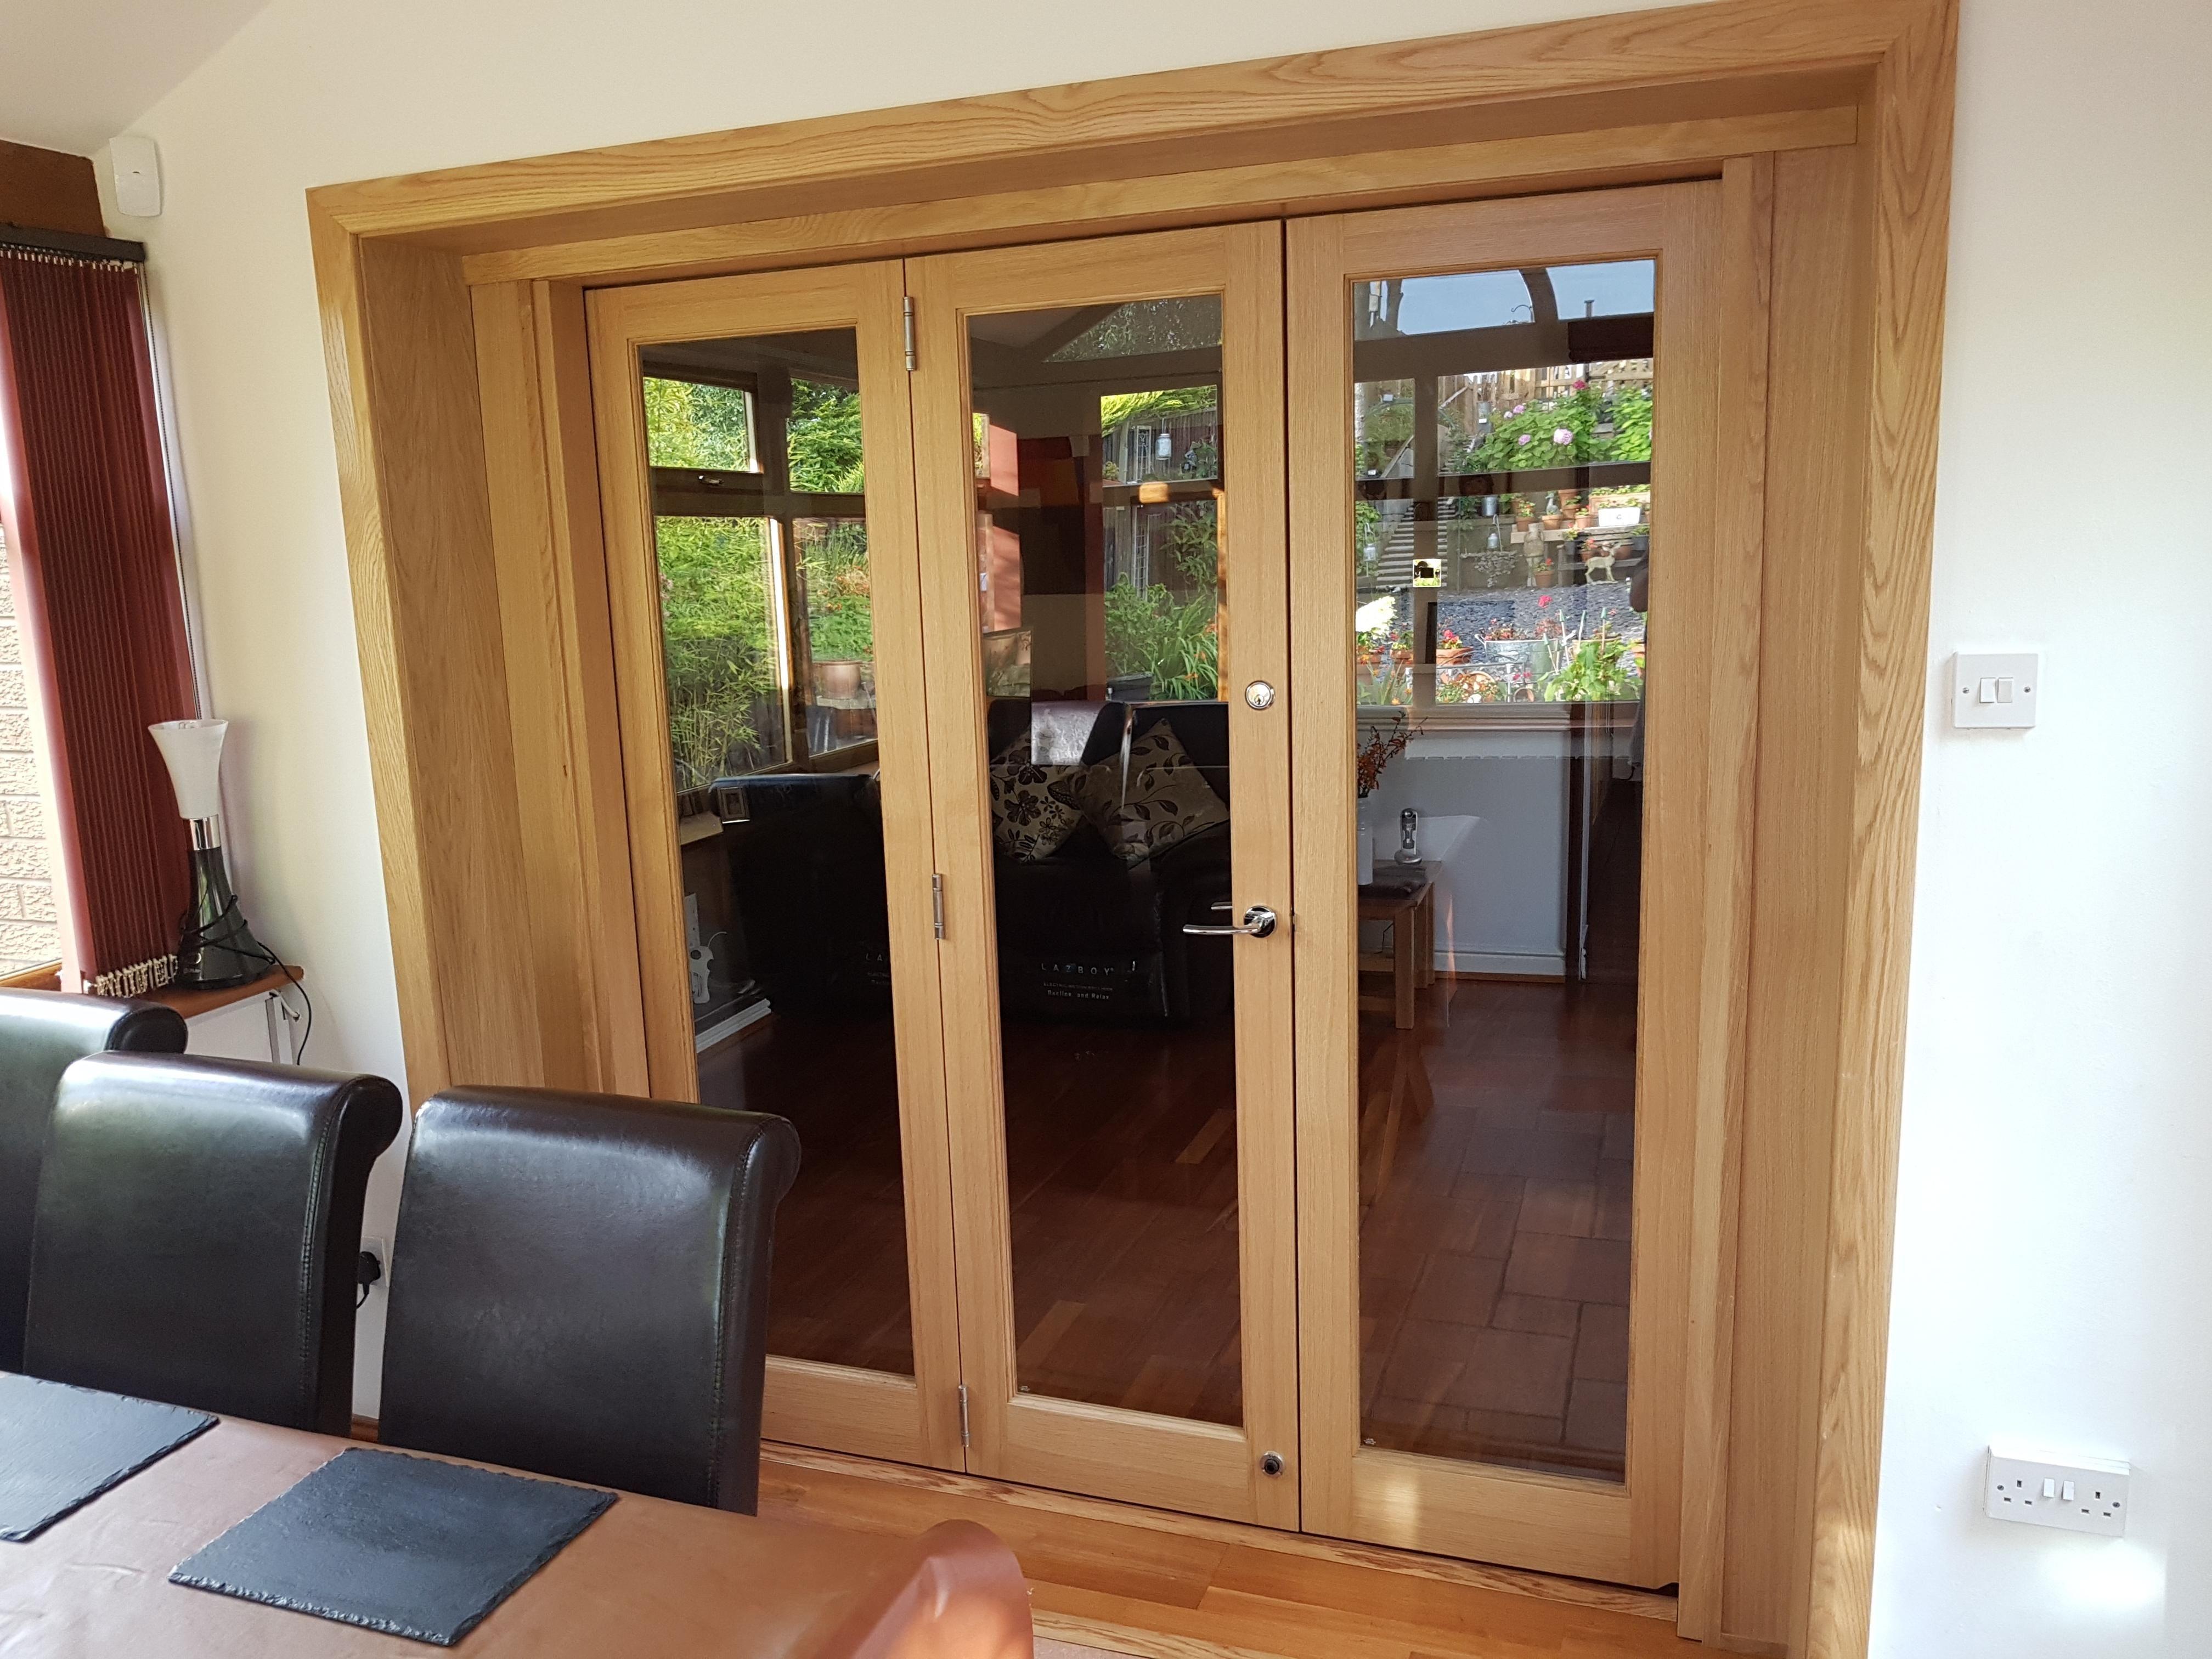 Inspire closed m internal room divider bifold doors customer